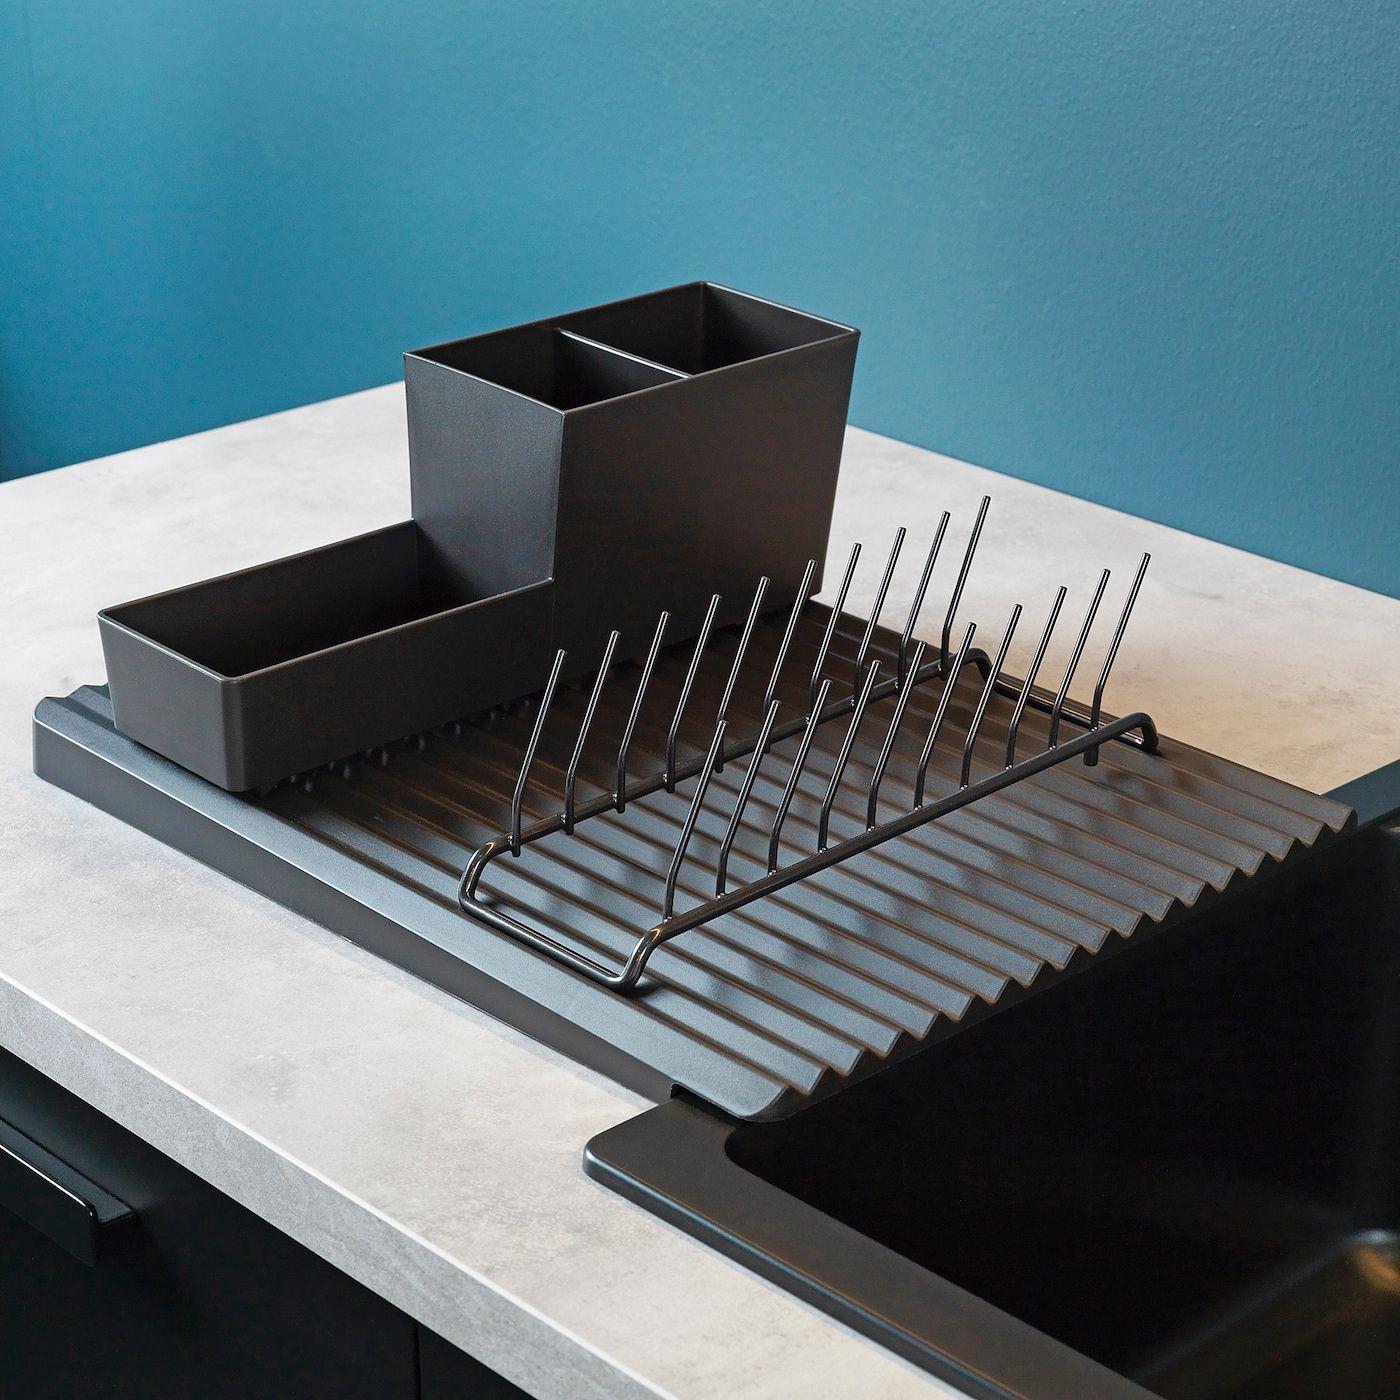 Full Size of Stöpsel Spüle Bauhaus 64 Besten Bilder Von Kitchen In 2020 Metod Unterschrank Fenster Küche Wohnzimmer Stöpsel Spüle Bauhaus